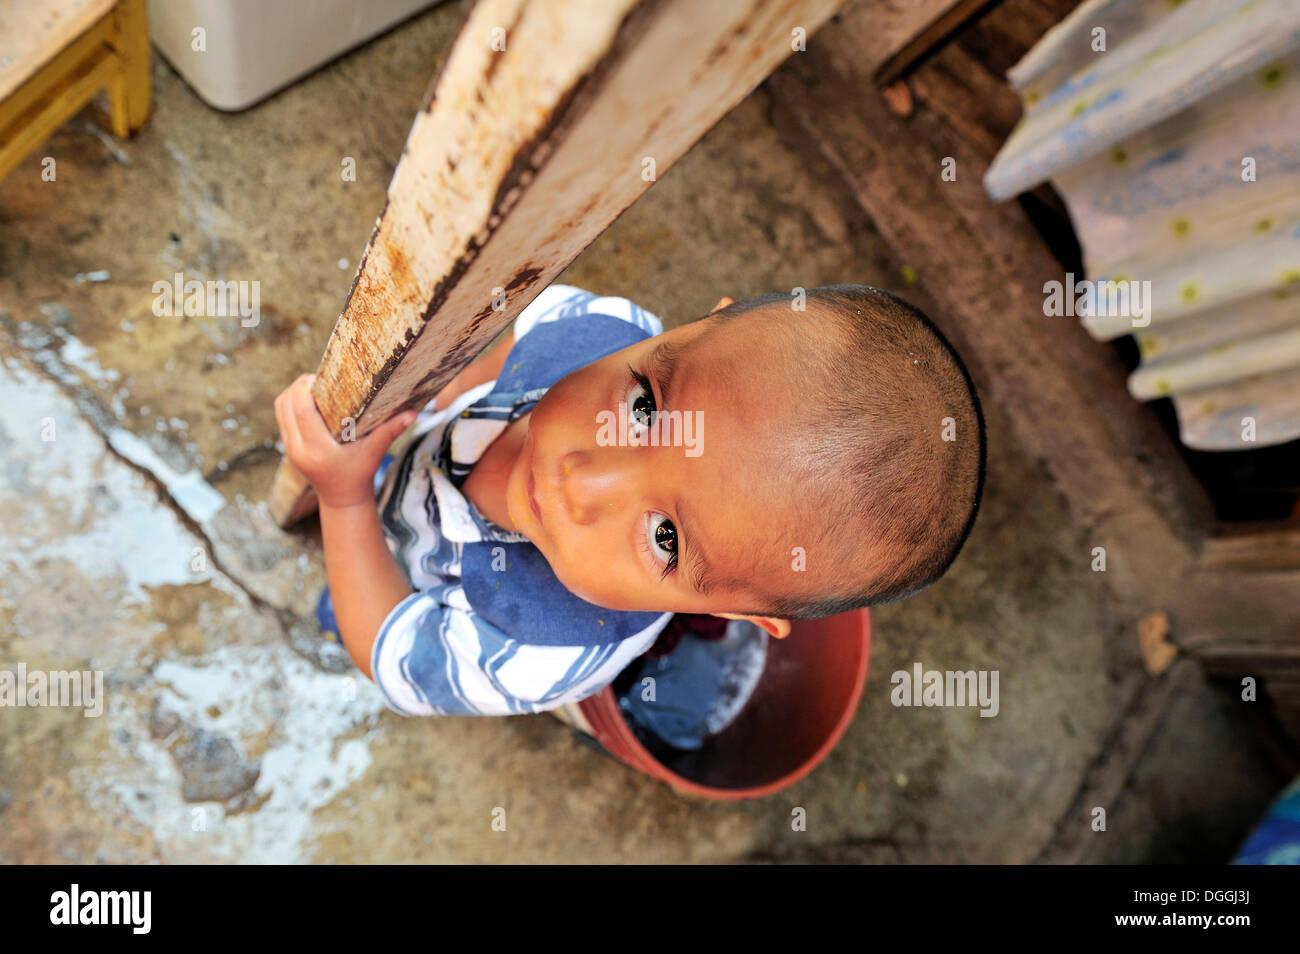 Boy in an indigenous community in a slum, Mexico City, Ciudad de Mexico, Mexico, Central America Stock Photo